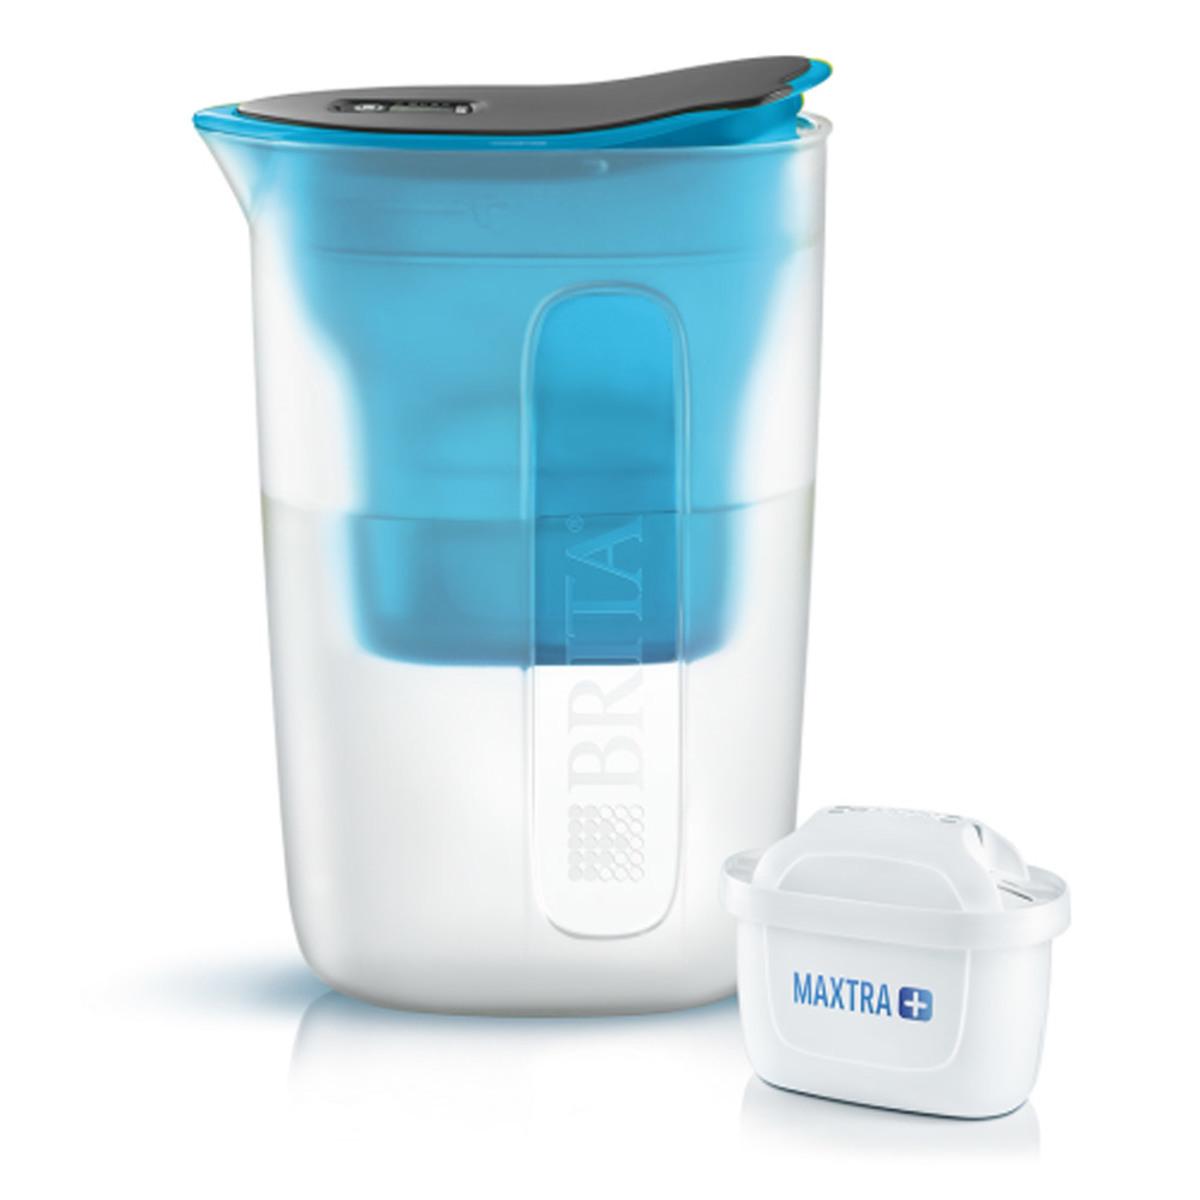 Bild 1 von BRITA Wasserfilter Fun, 1,5L, fresh blue